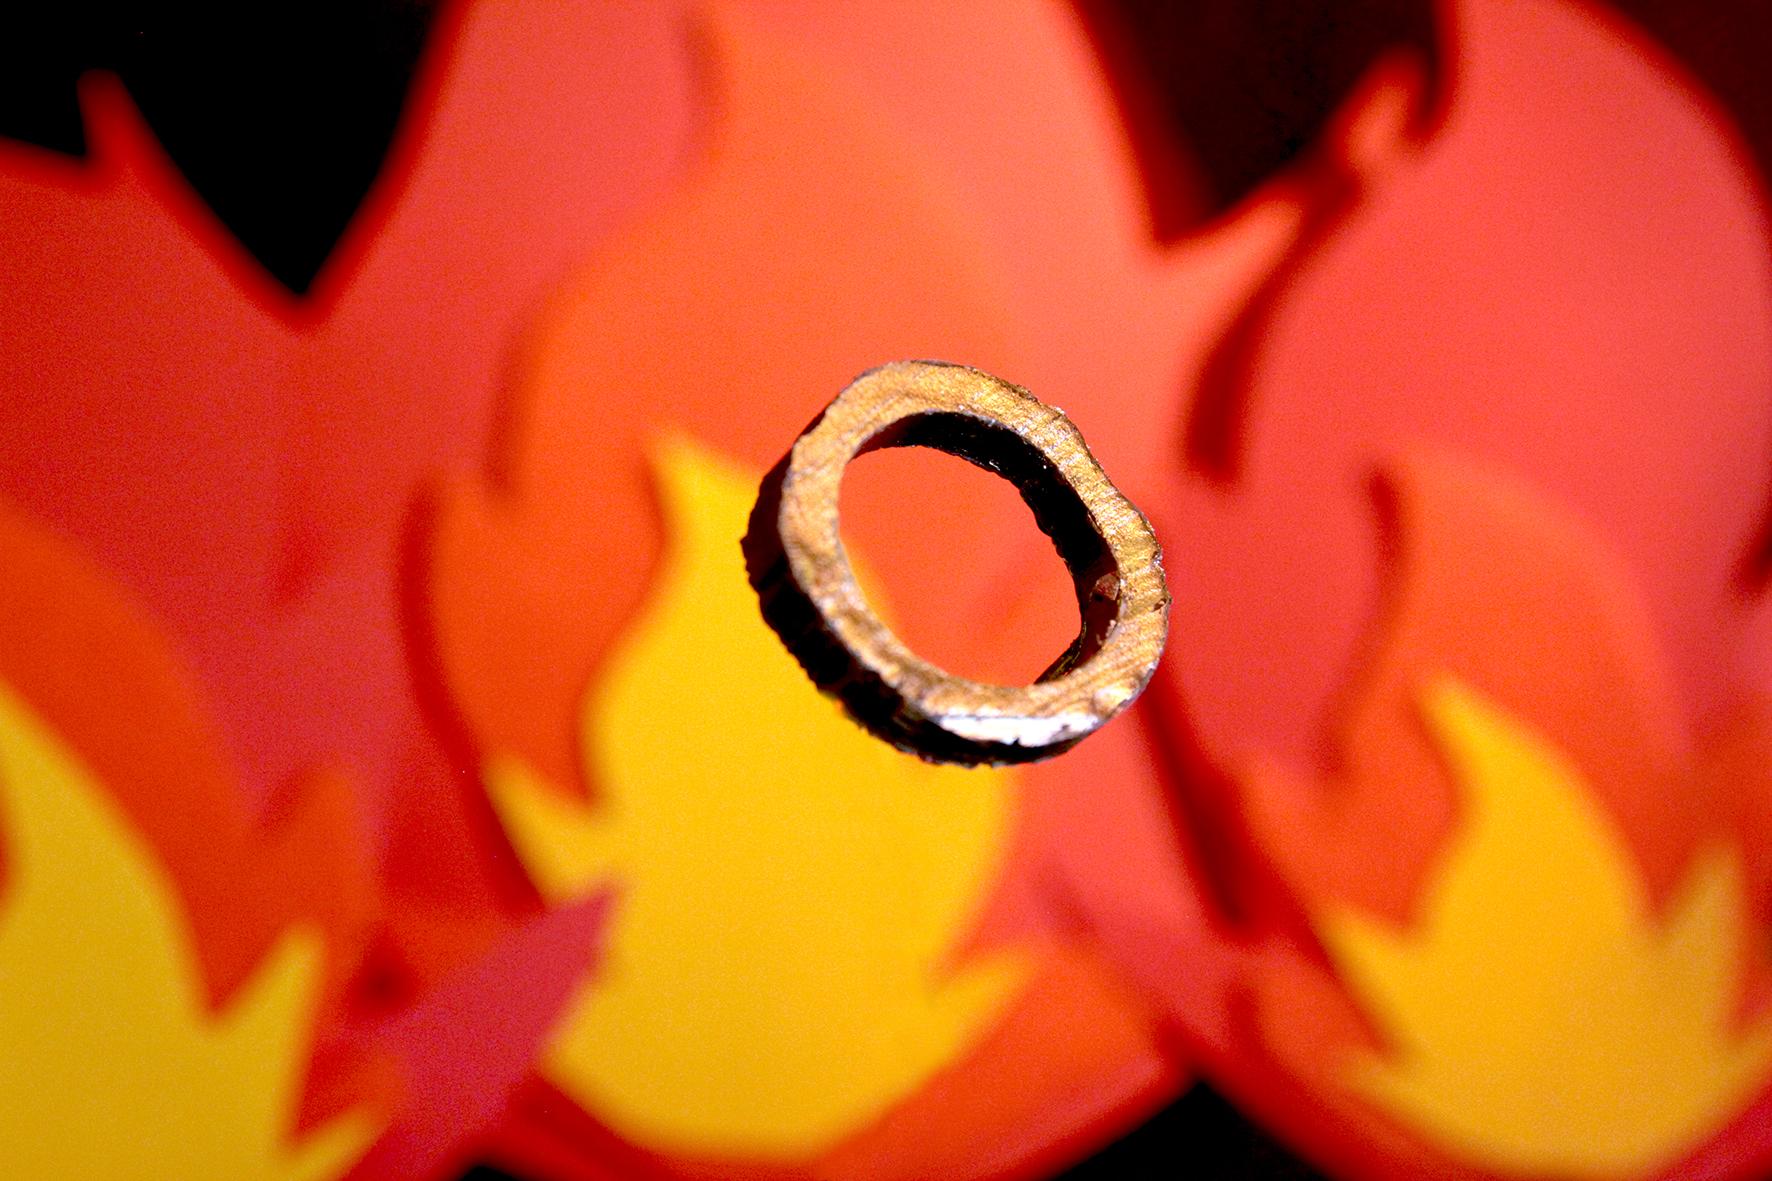 ring_02_presse